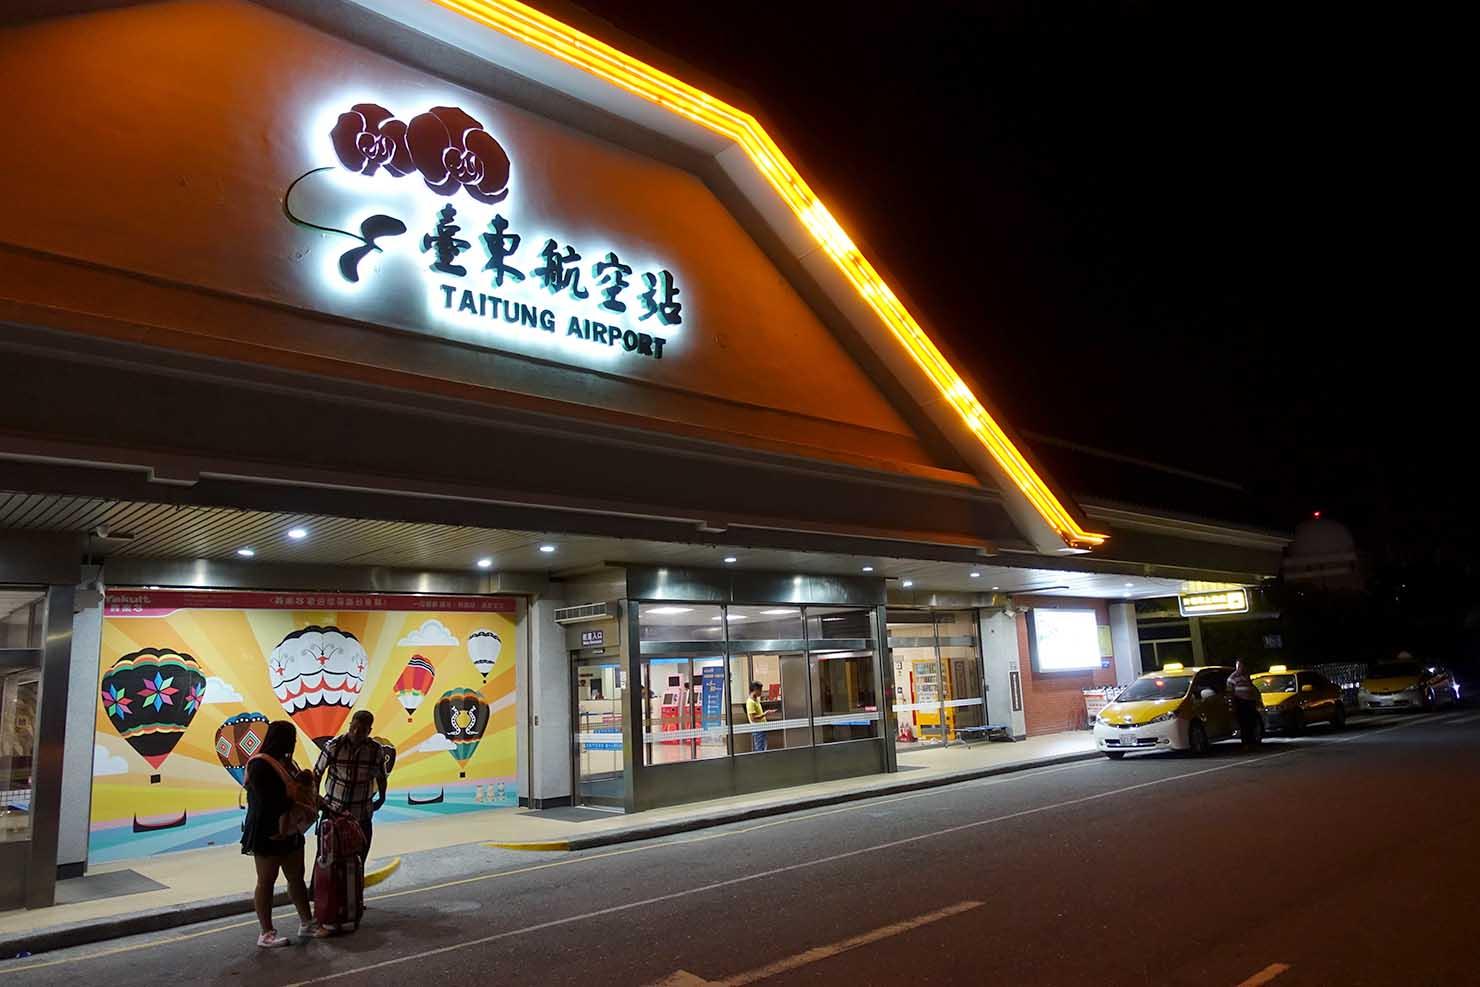 台東空港(台東航空站)の外観